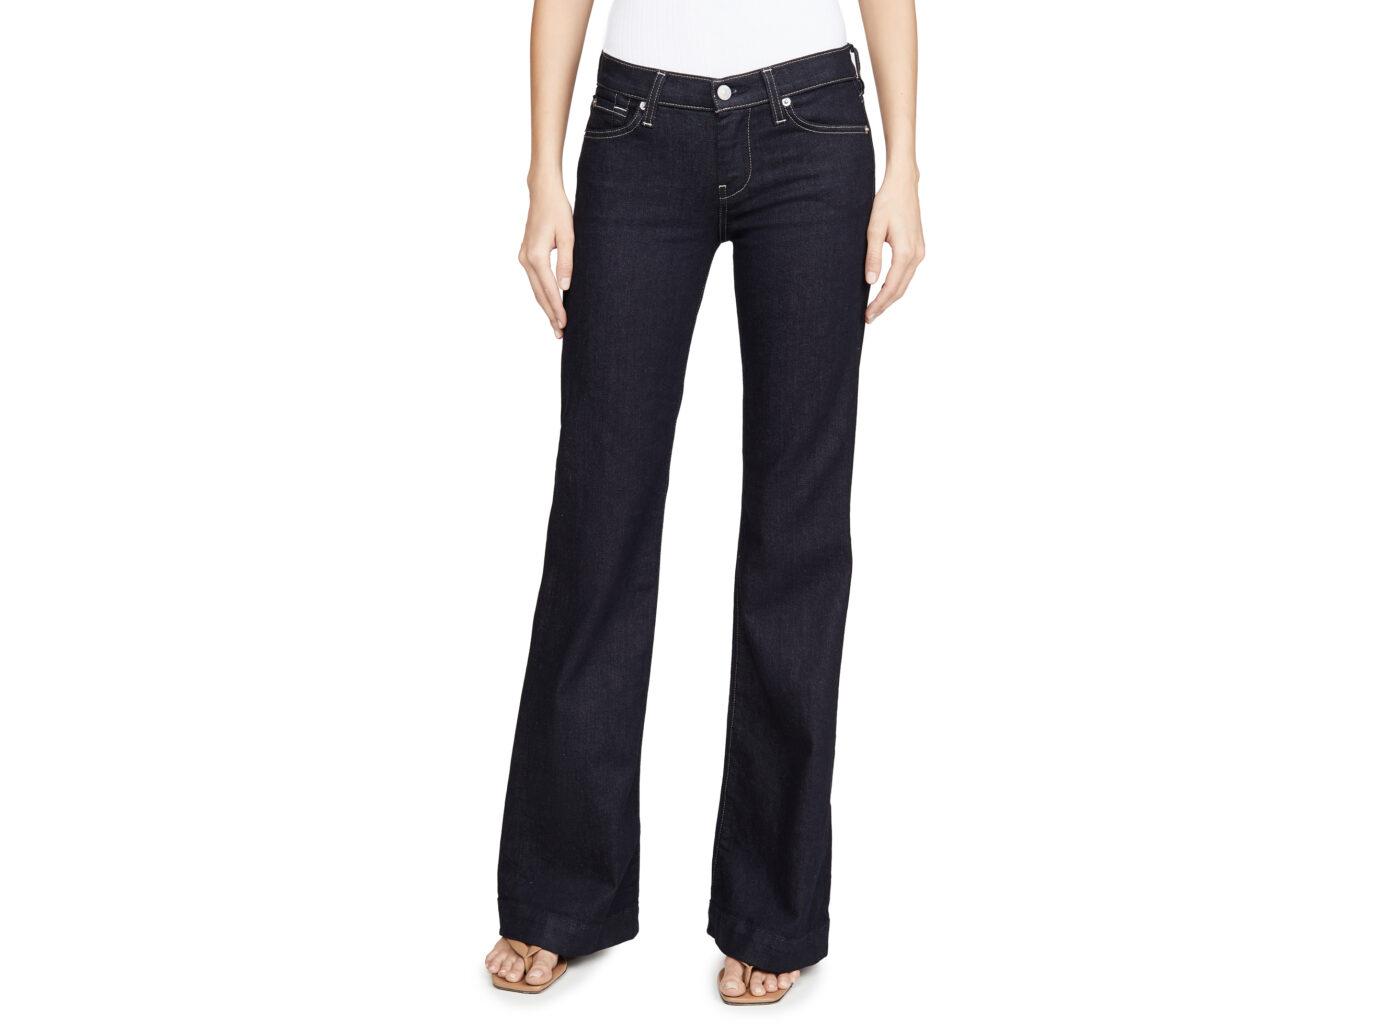 7 For All Mankind Women's Dojo Bootcut Jeans